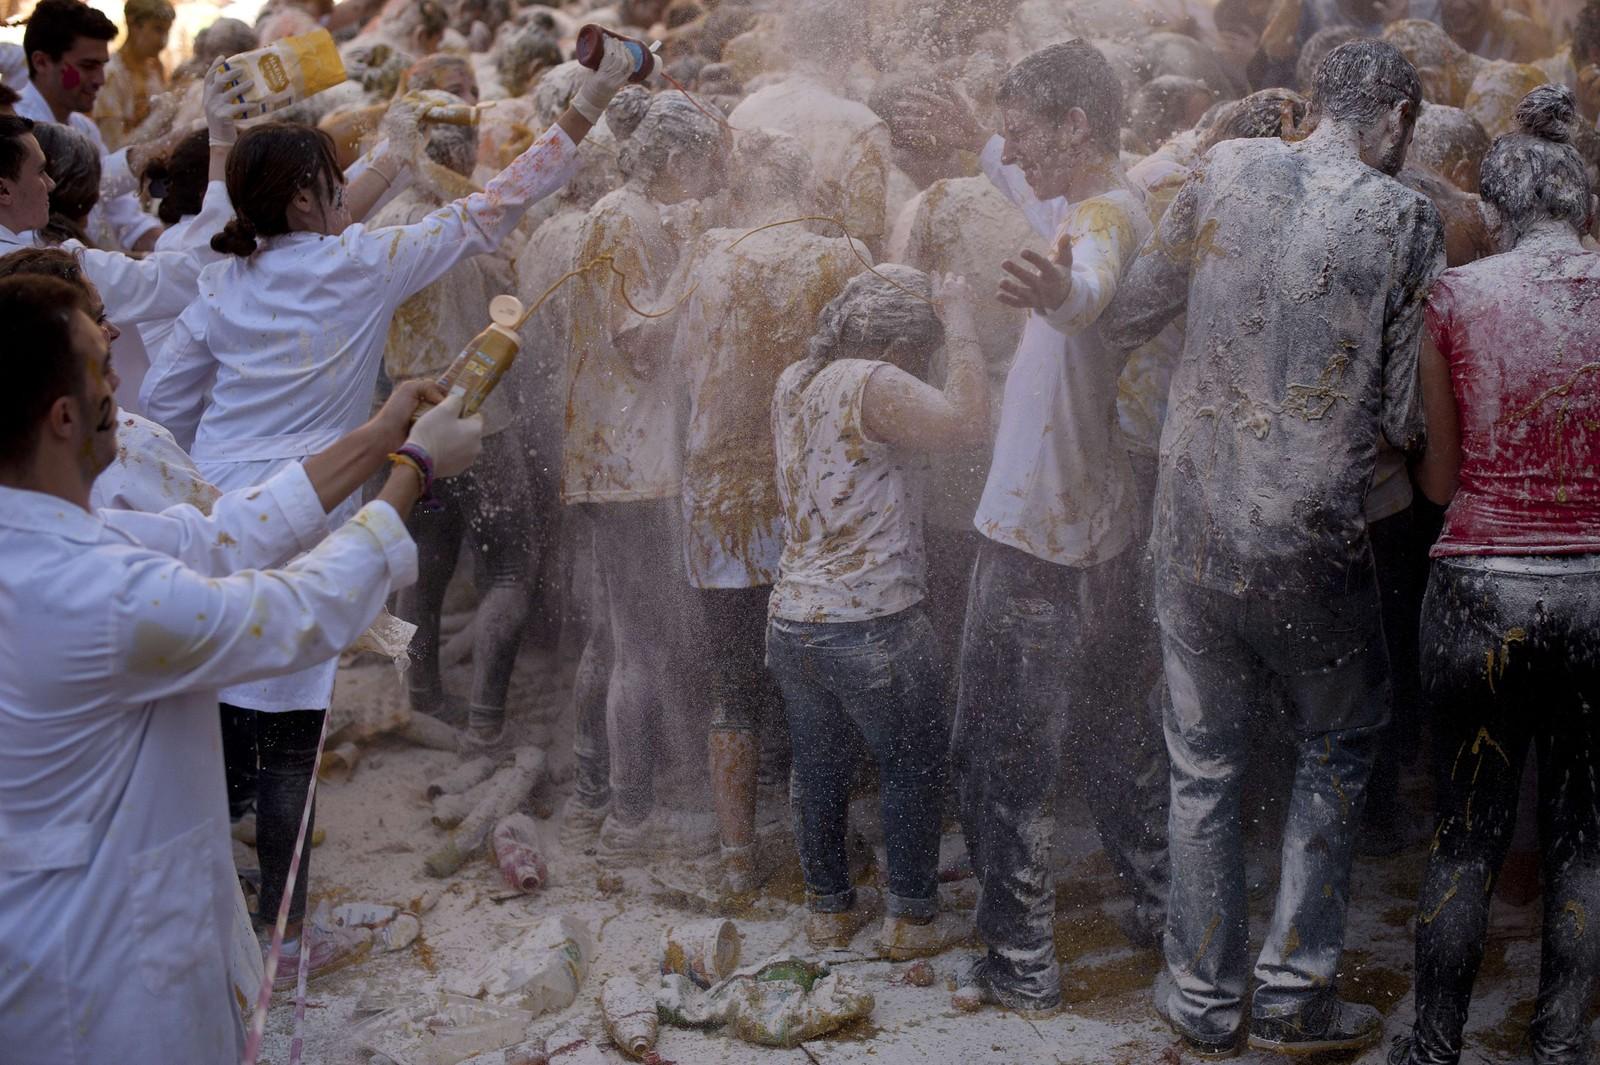 Nye studenter blir dynka med matrester som velkomsthilsen ved universitetet i Granada.